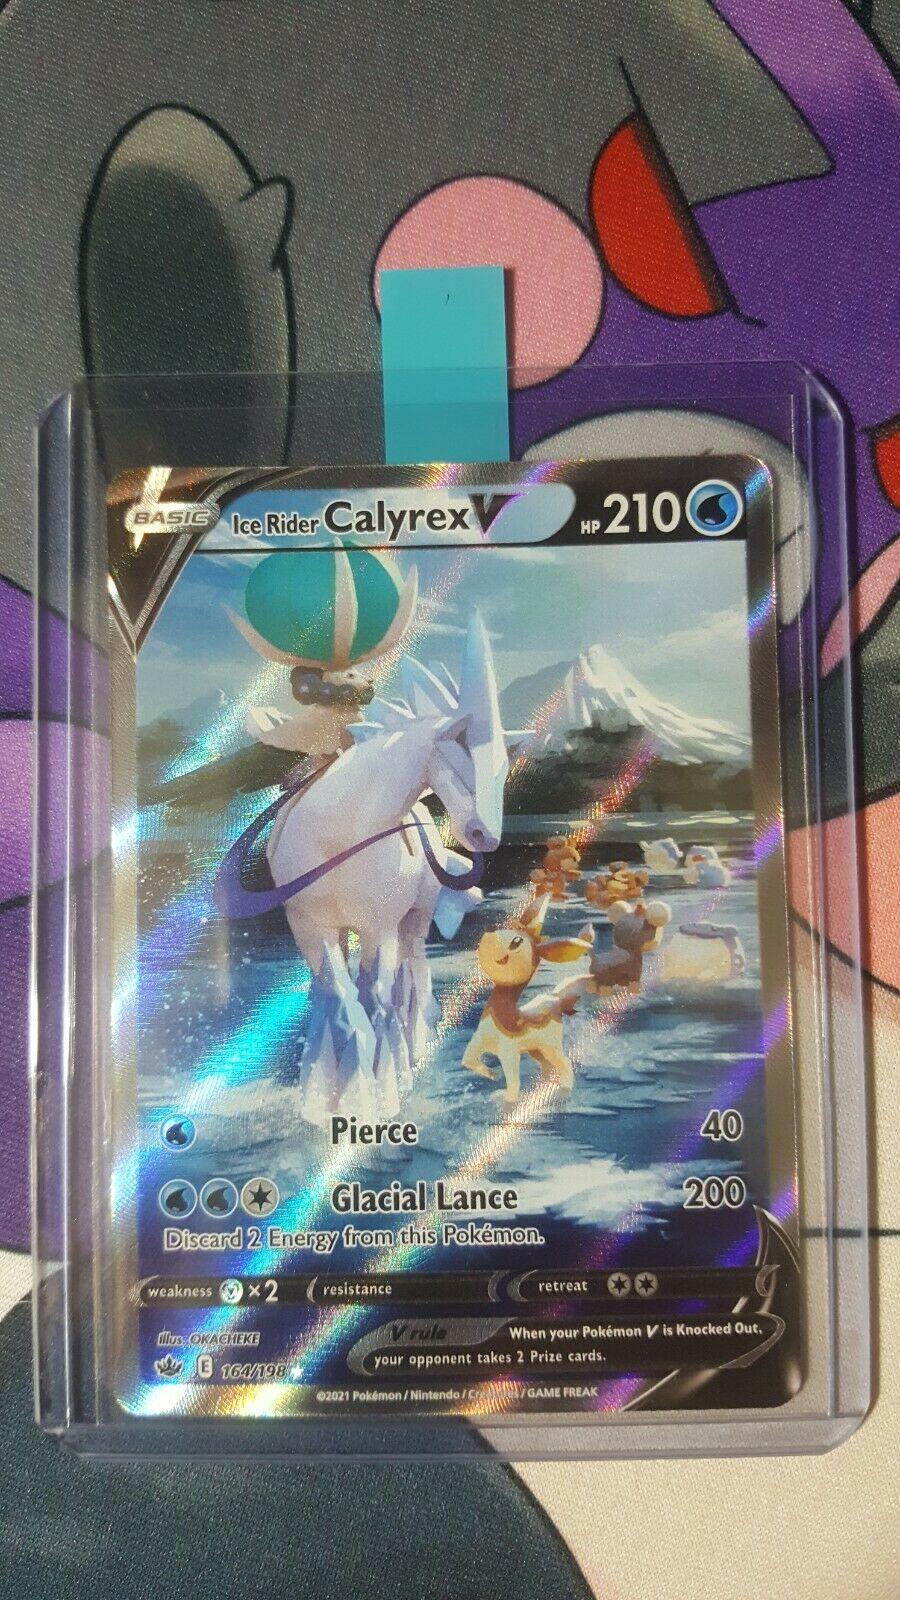 POKEMON CHILLING REIGN Ice Rider Calyrex V Full Art 164/198 ALTERNATE ART NM/M